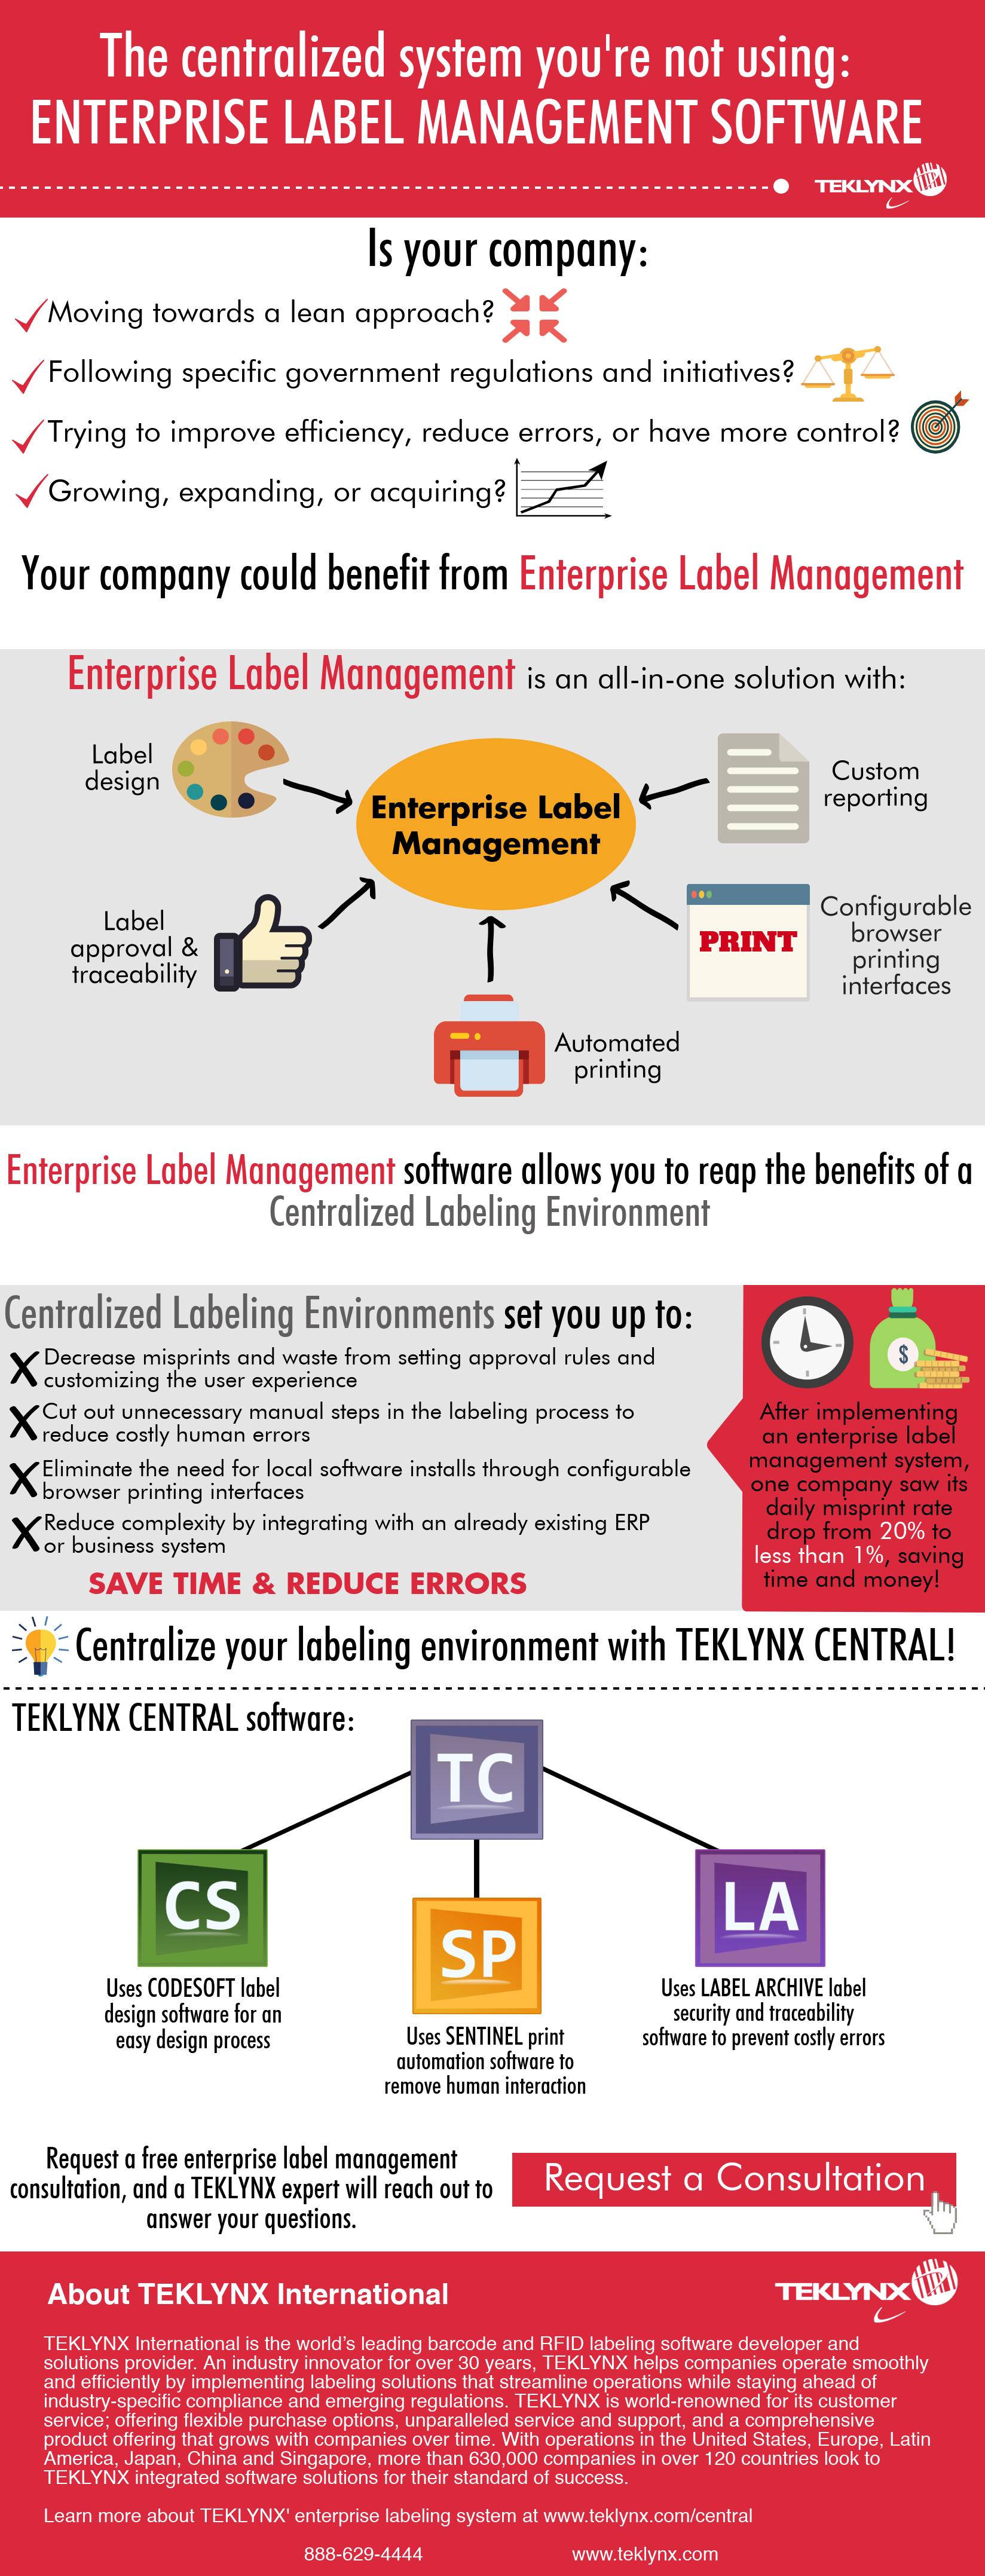 Il sistema centralizzato che non stai usando: Software per la gestione delle etichette aziendali